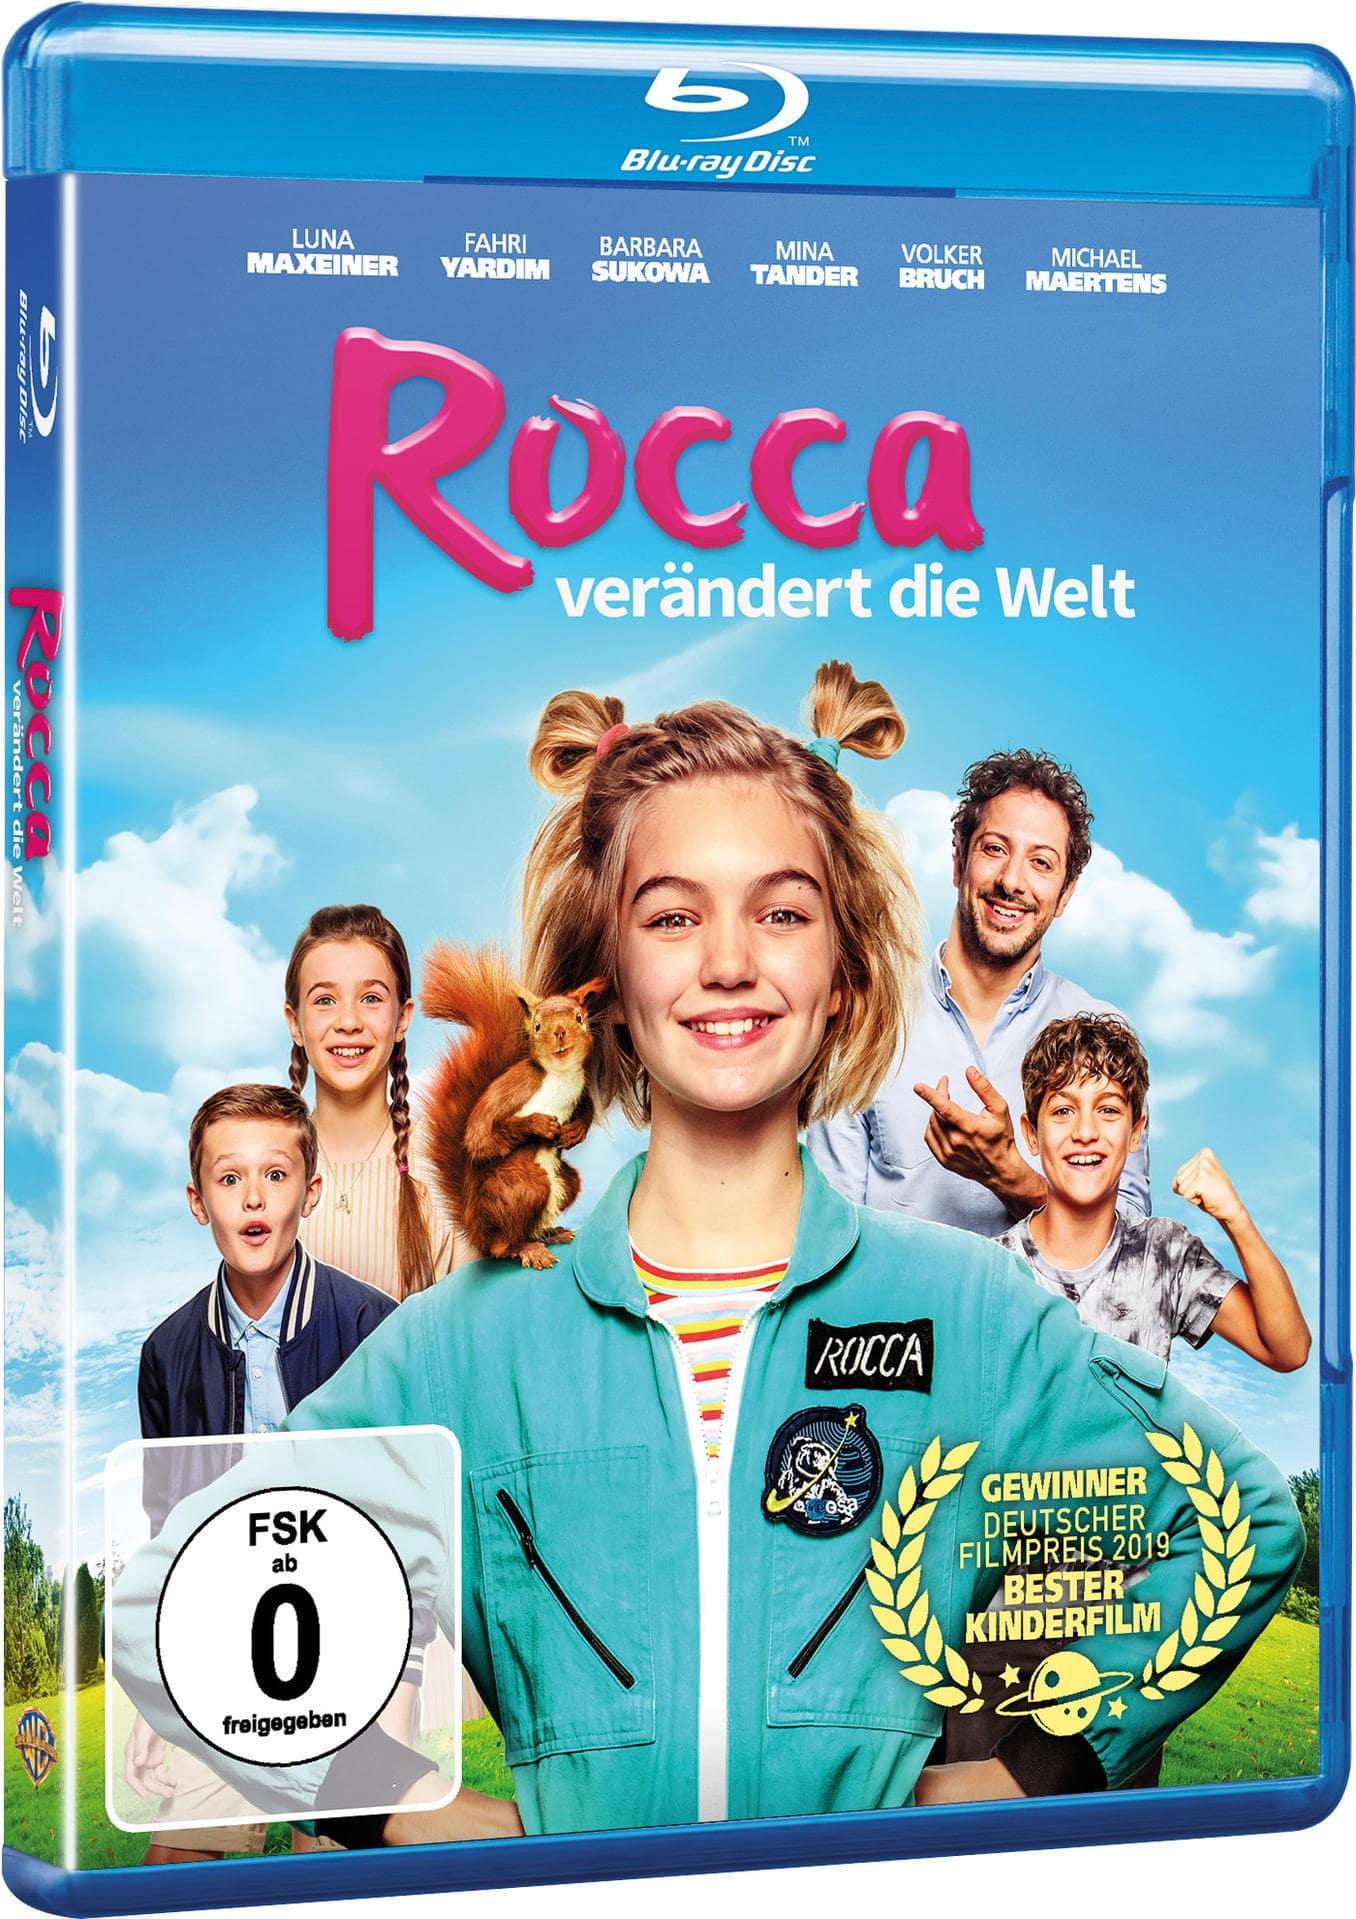 Rocca verändert die Welt (BLU-RAY) für 8,99 Euro